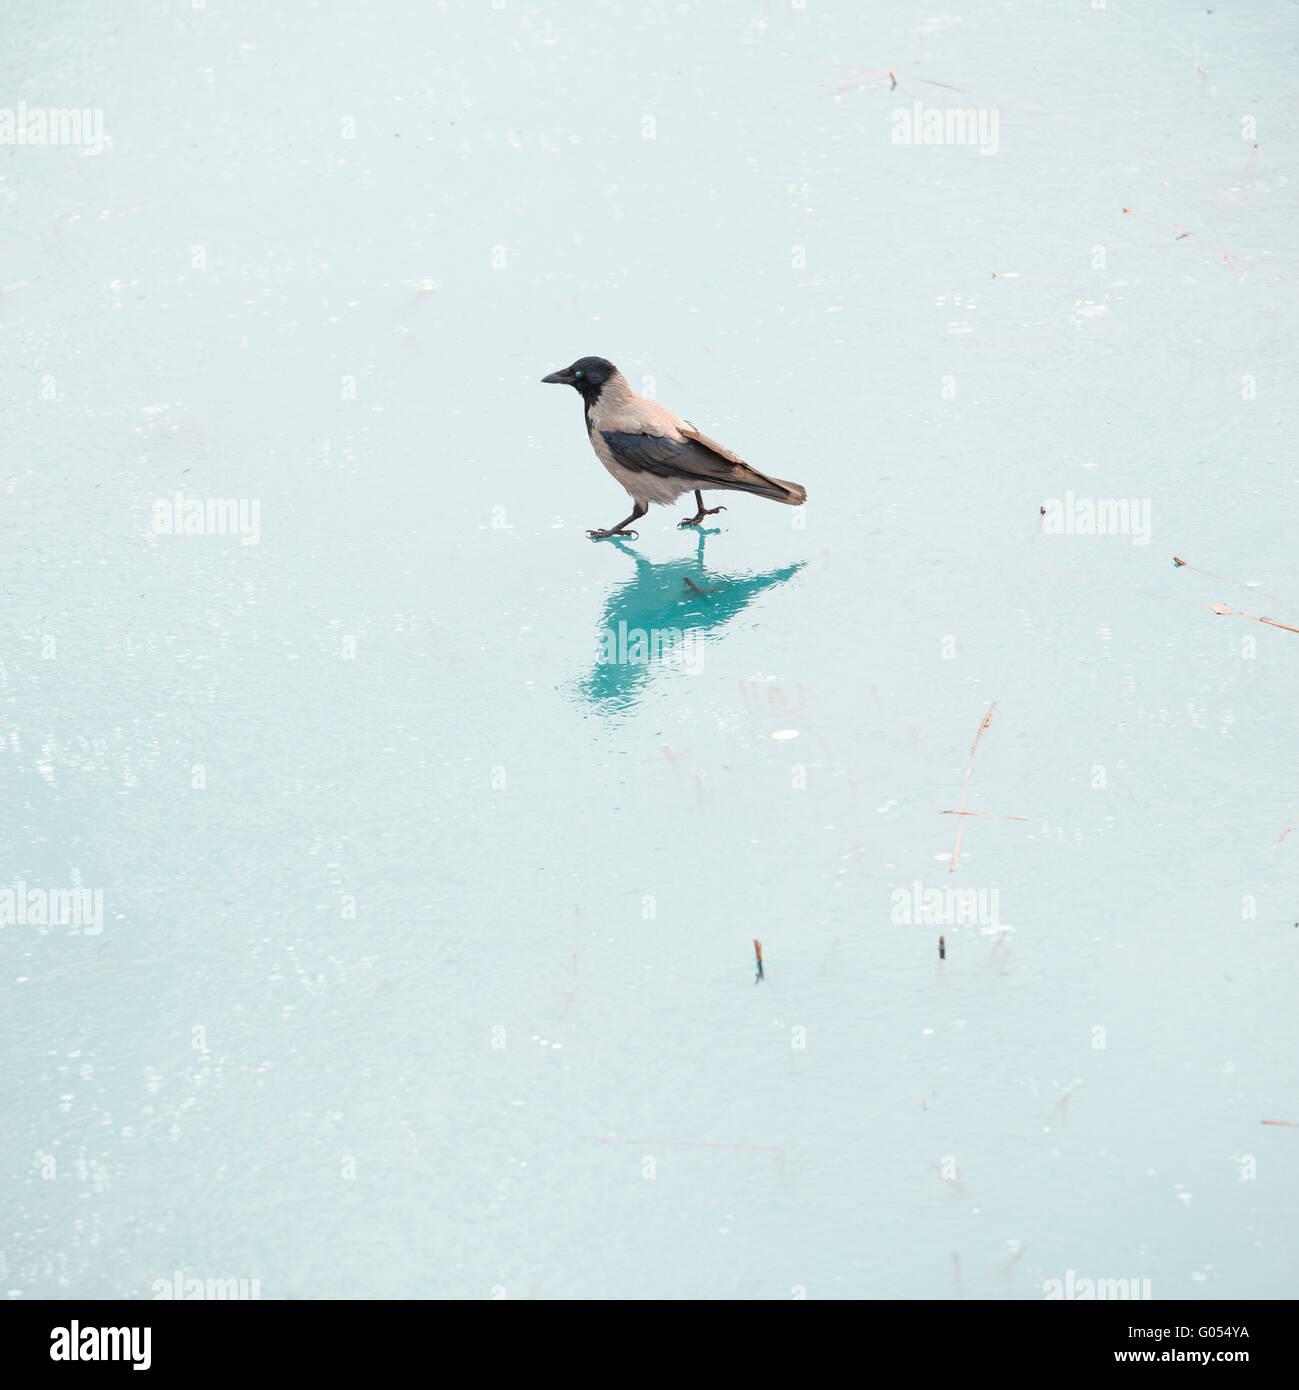 Crow am zugefrorenen See zu Fuß. Ein einsamer Vogel bewältigen Winter auf der Suche nach Nahrung auf dem Stockbild